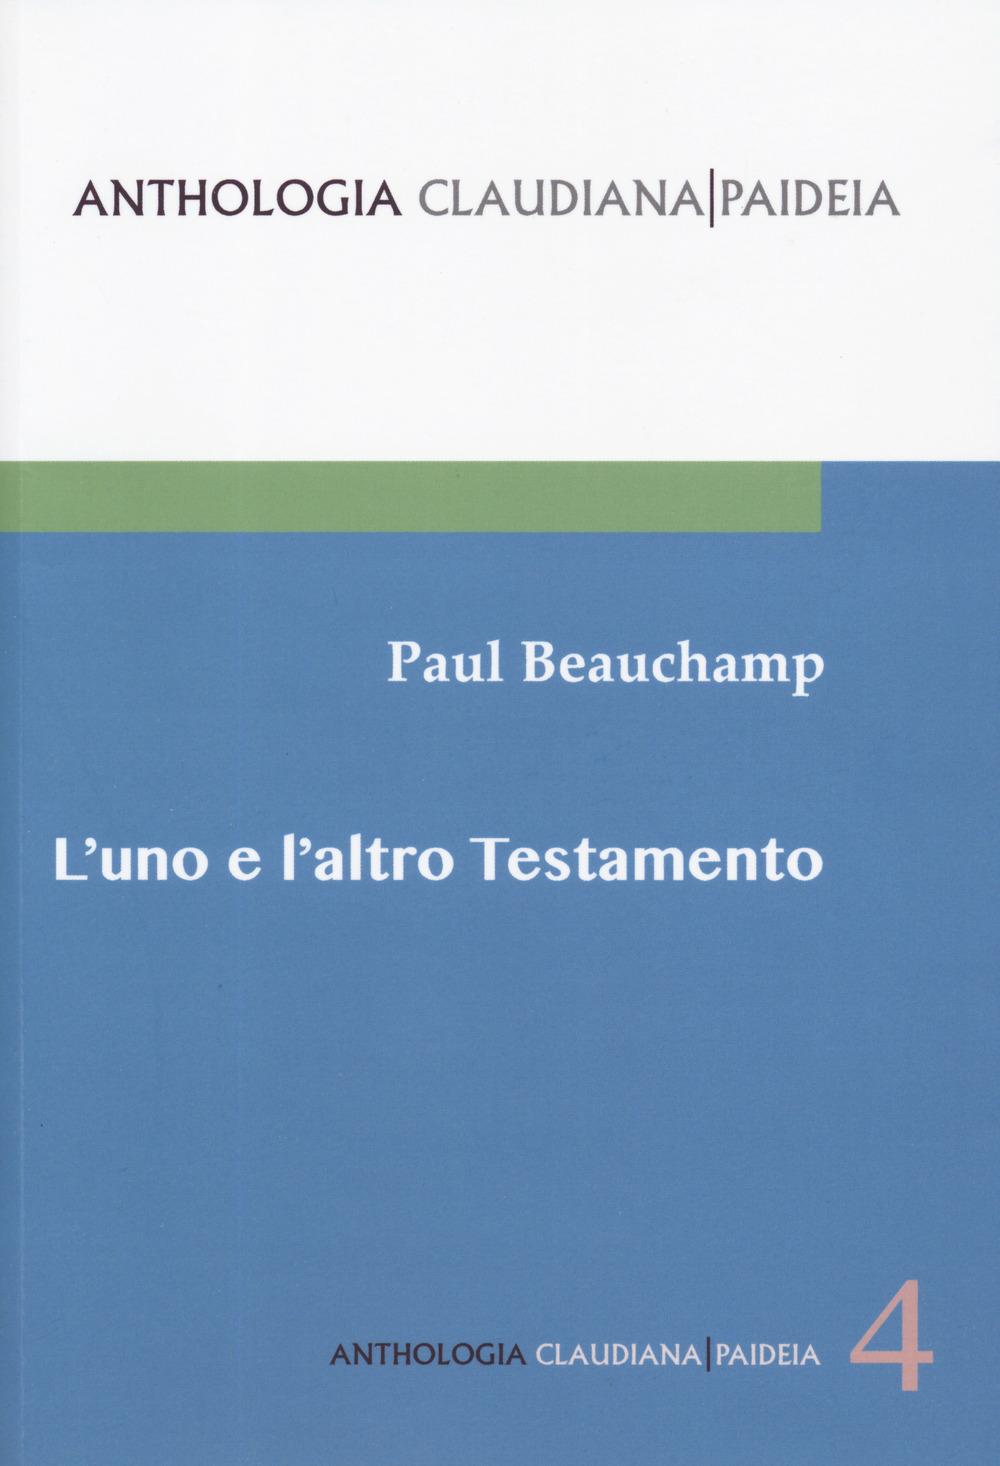 L'uno e l'altro Testamento